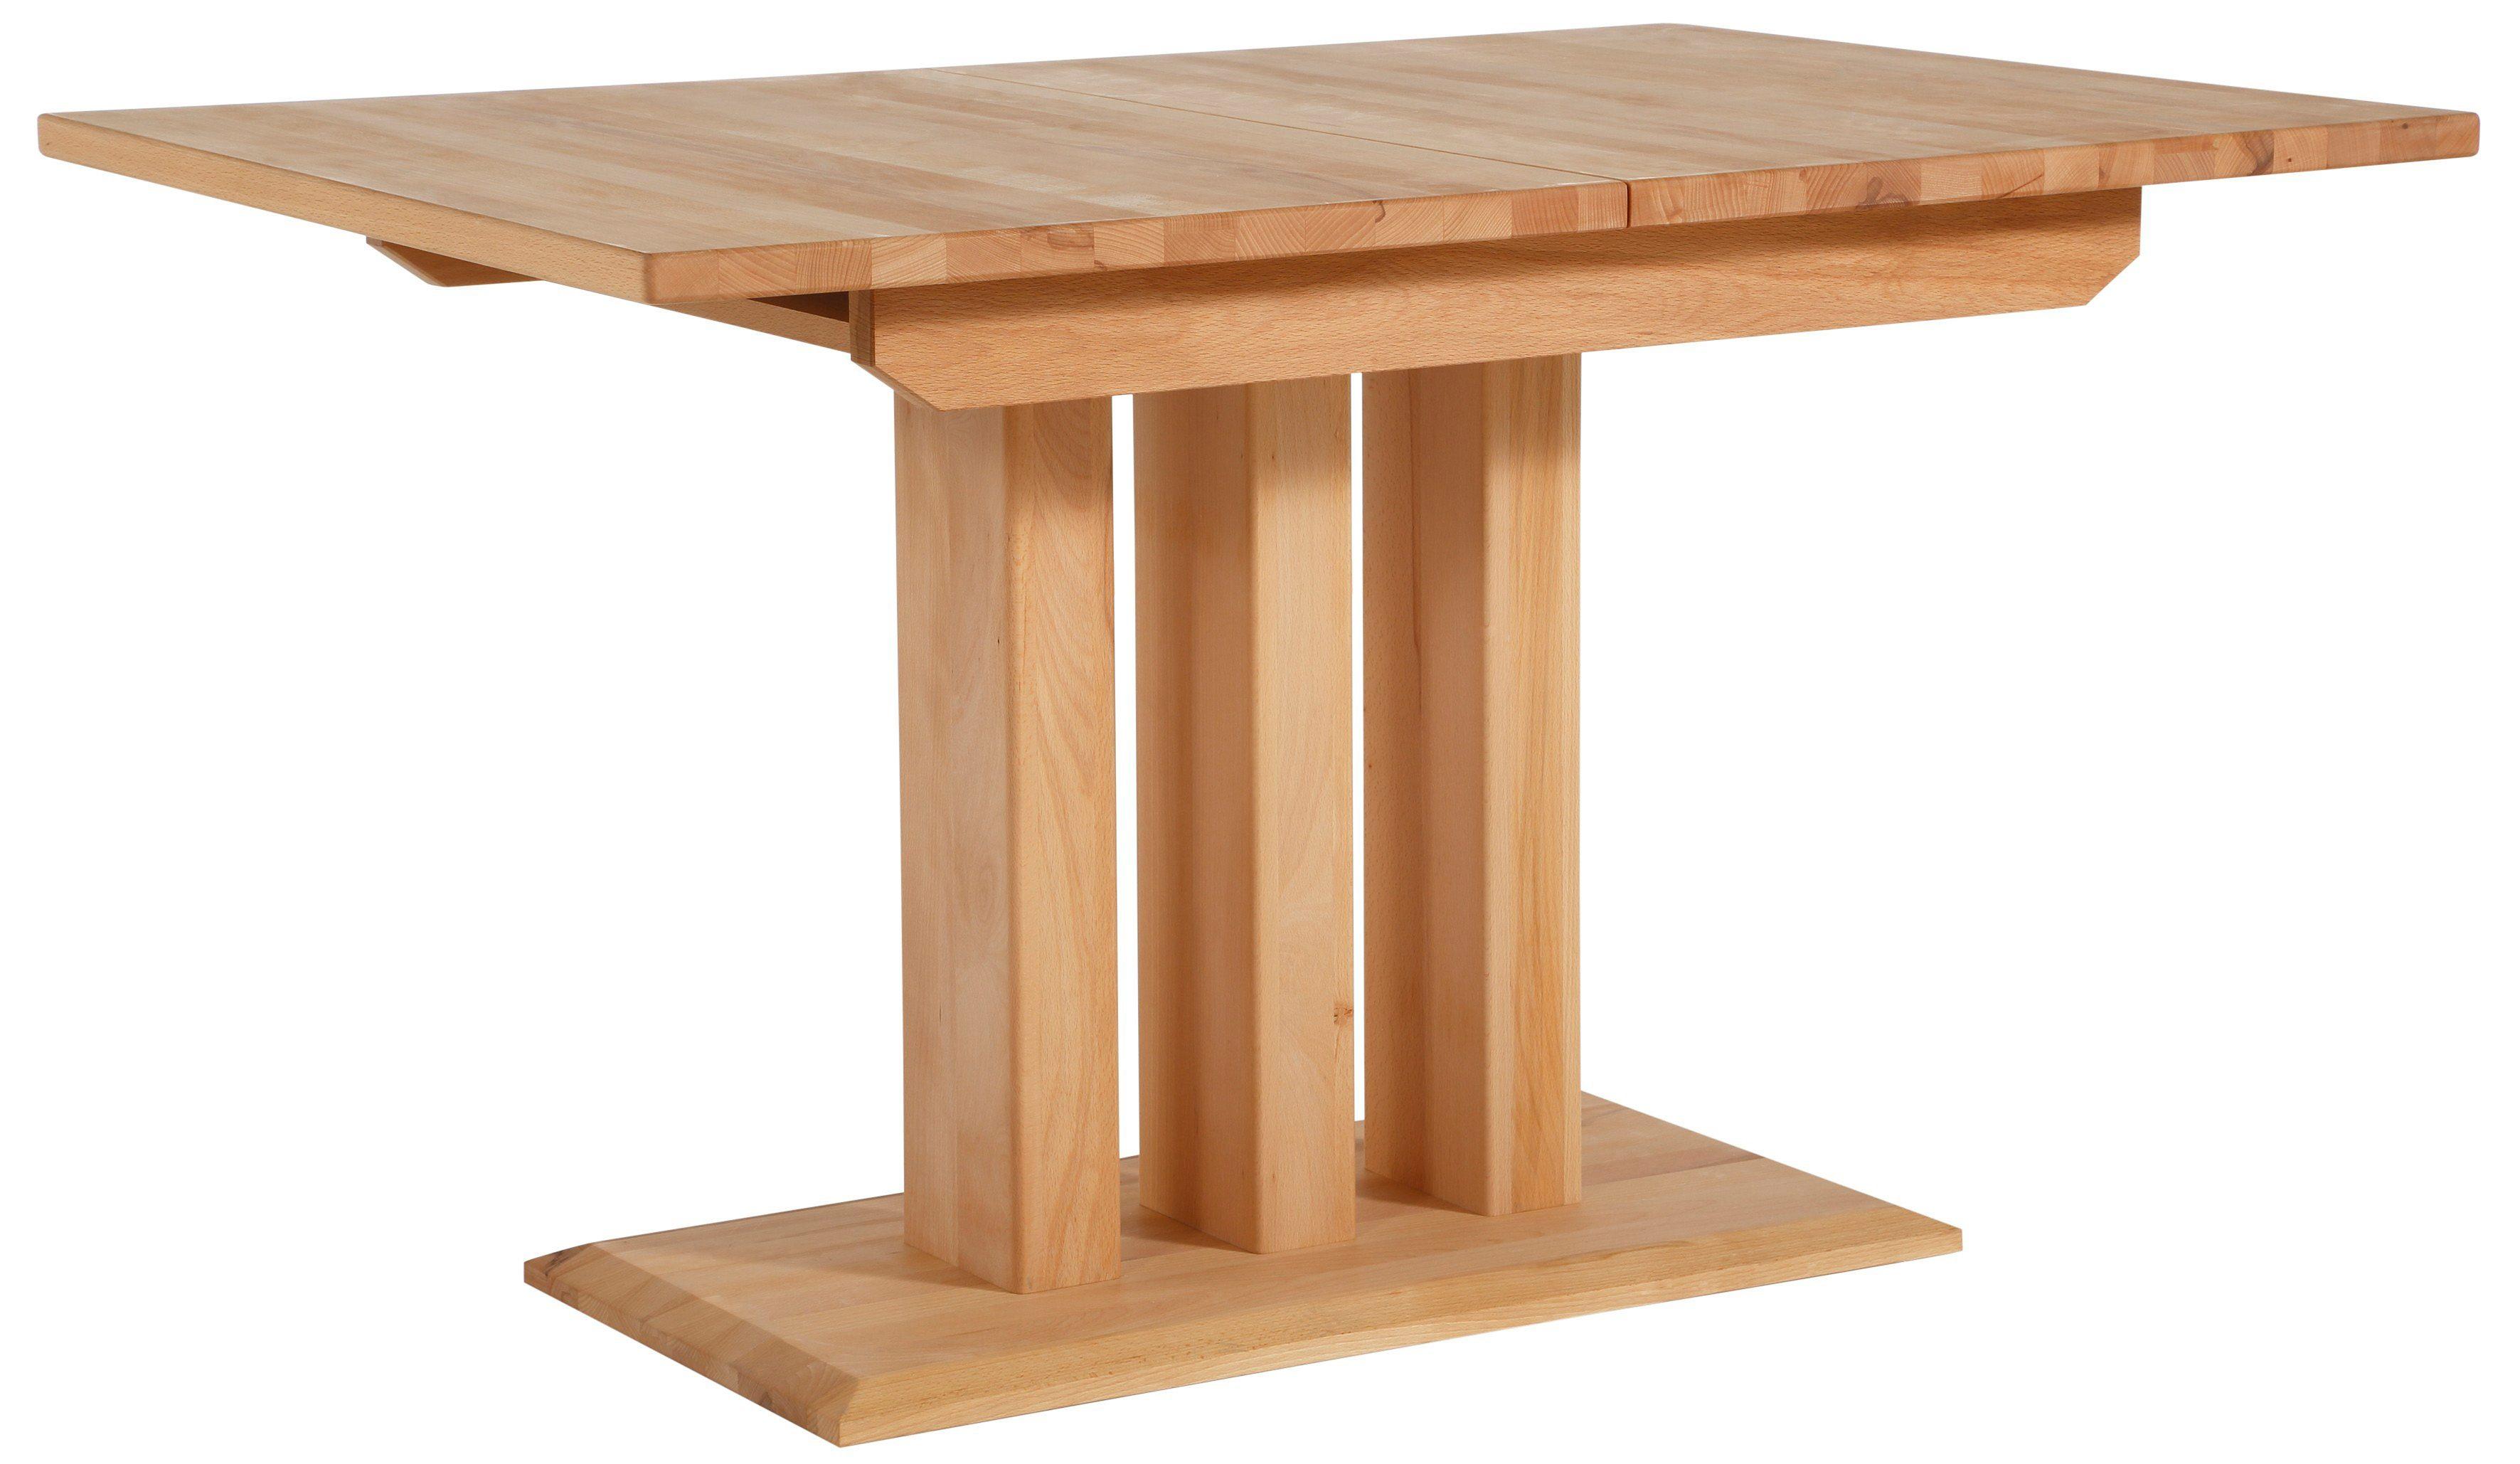 Esstisch, Premium collection by Home affaire, Breite 90 cm